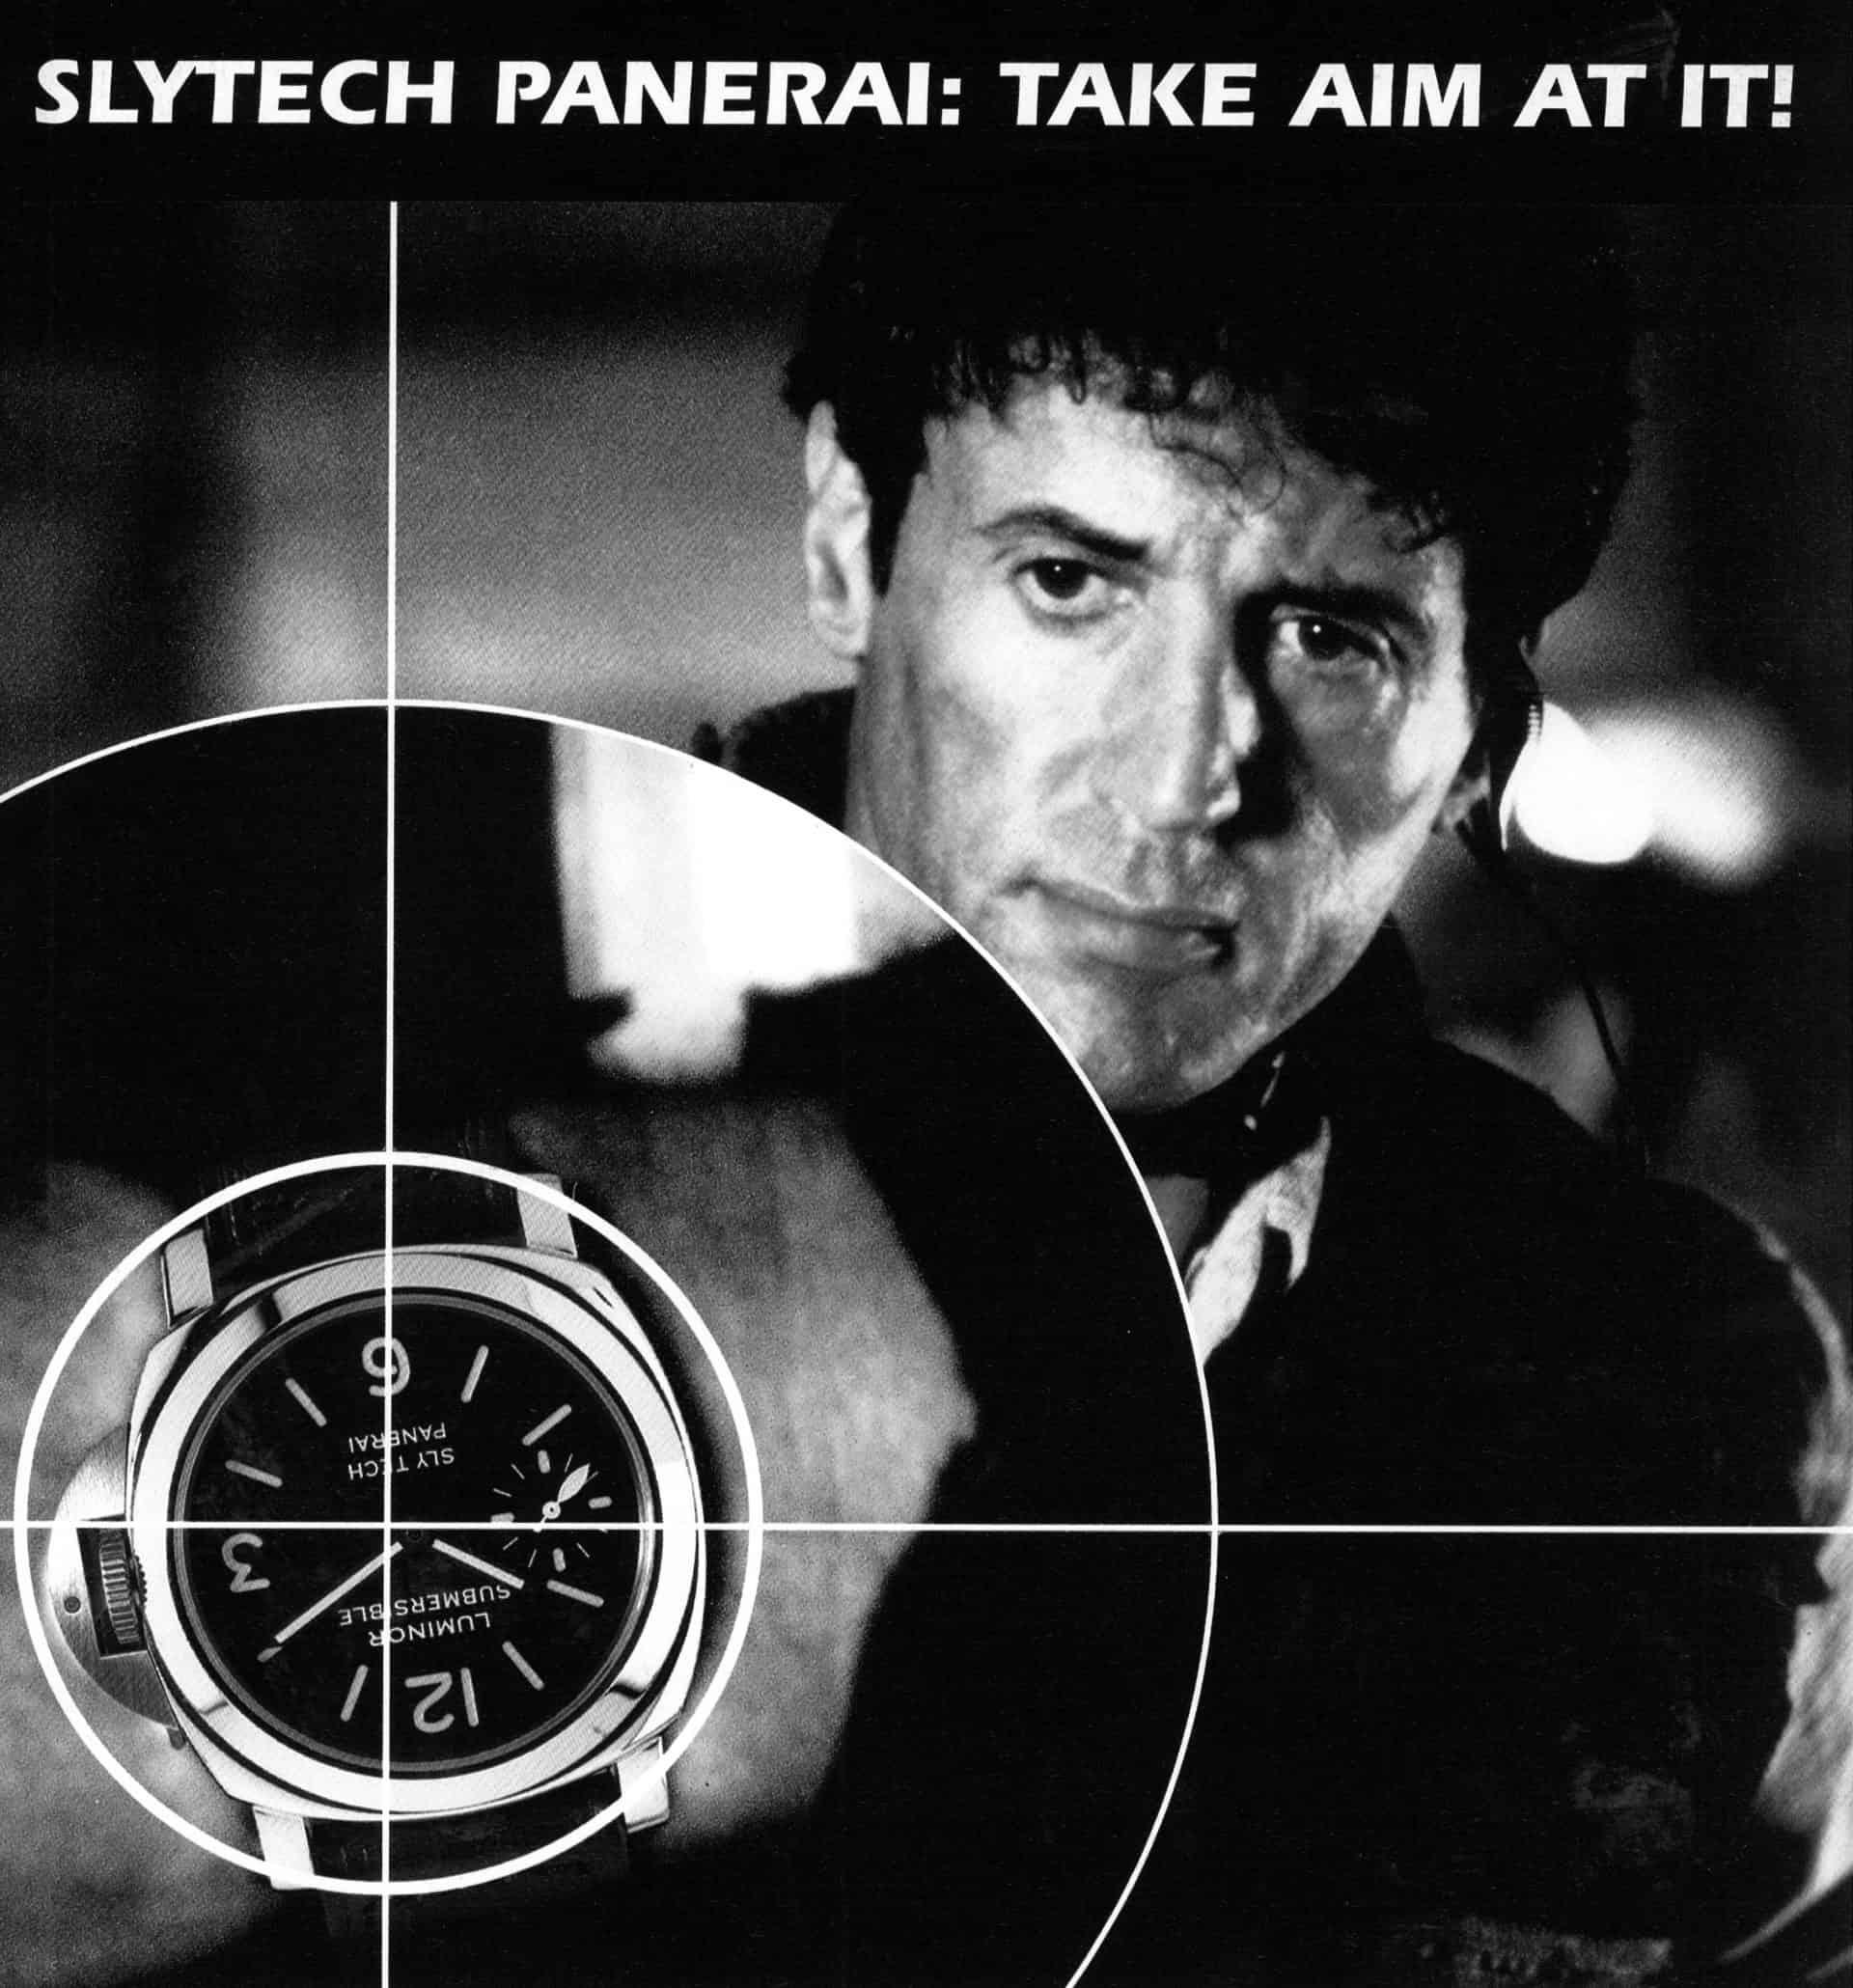 Sylvester Stallone und eine Slytech Panerai auf einem alten Werbemotiv